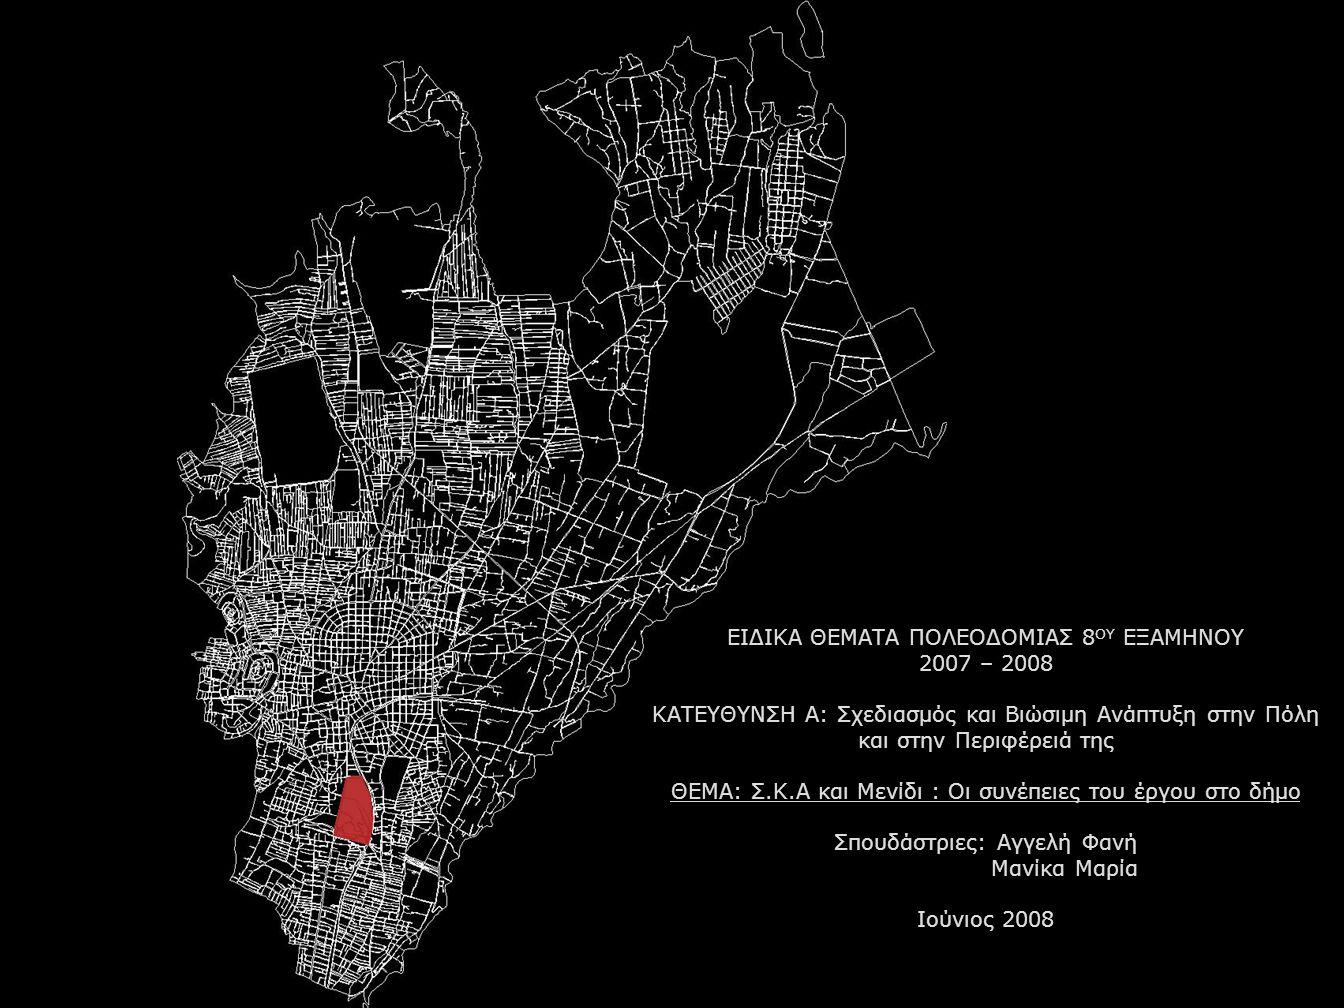 ΕΙΔΙΚΑ ΘΕΜΑΤΑ ΠΟΛΕΟΔΟΜΙΑΣ 8 ΟΥ ΕΞΑΜΗΝΟΥ 2007 – 2008 ΚΑΤΕΥΘΥΝΣΗ Α: Σχεδιασμός και Βιώσιμη Ανάπτυξη στην Πόλη και στην Περιφέρειά της ΘΕΜΑ: Σ.Κ.Α και Μενίδι : Οι συνέπειες του έργου στο δήμο Σπουδάστριες: Αγγελή Φανή Μανίκα Μαρία Ιούνιος 2008